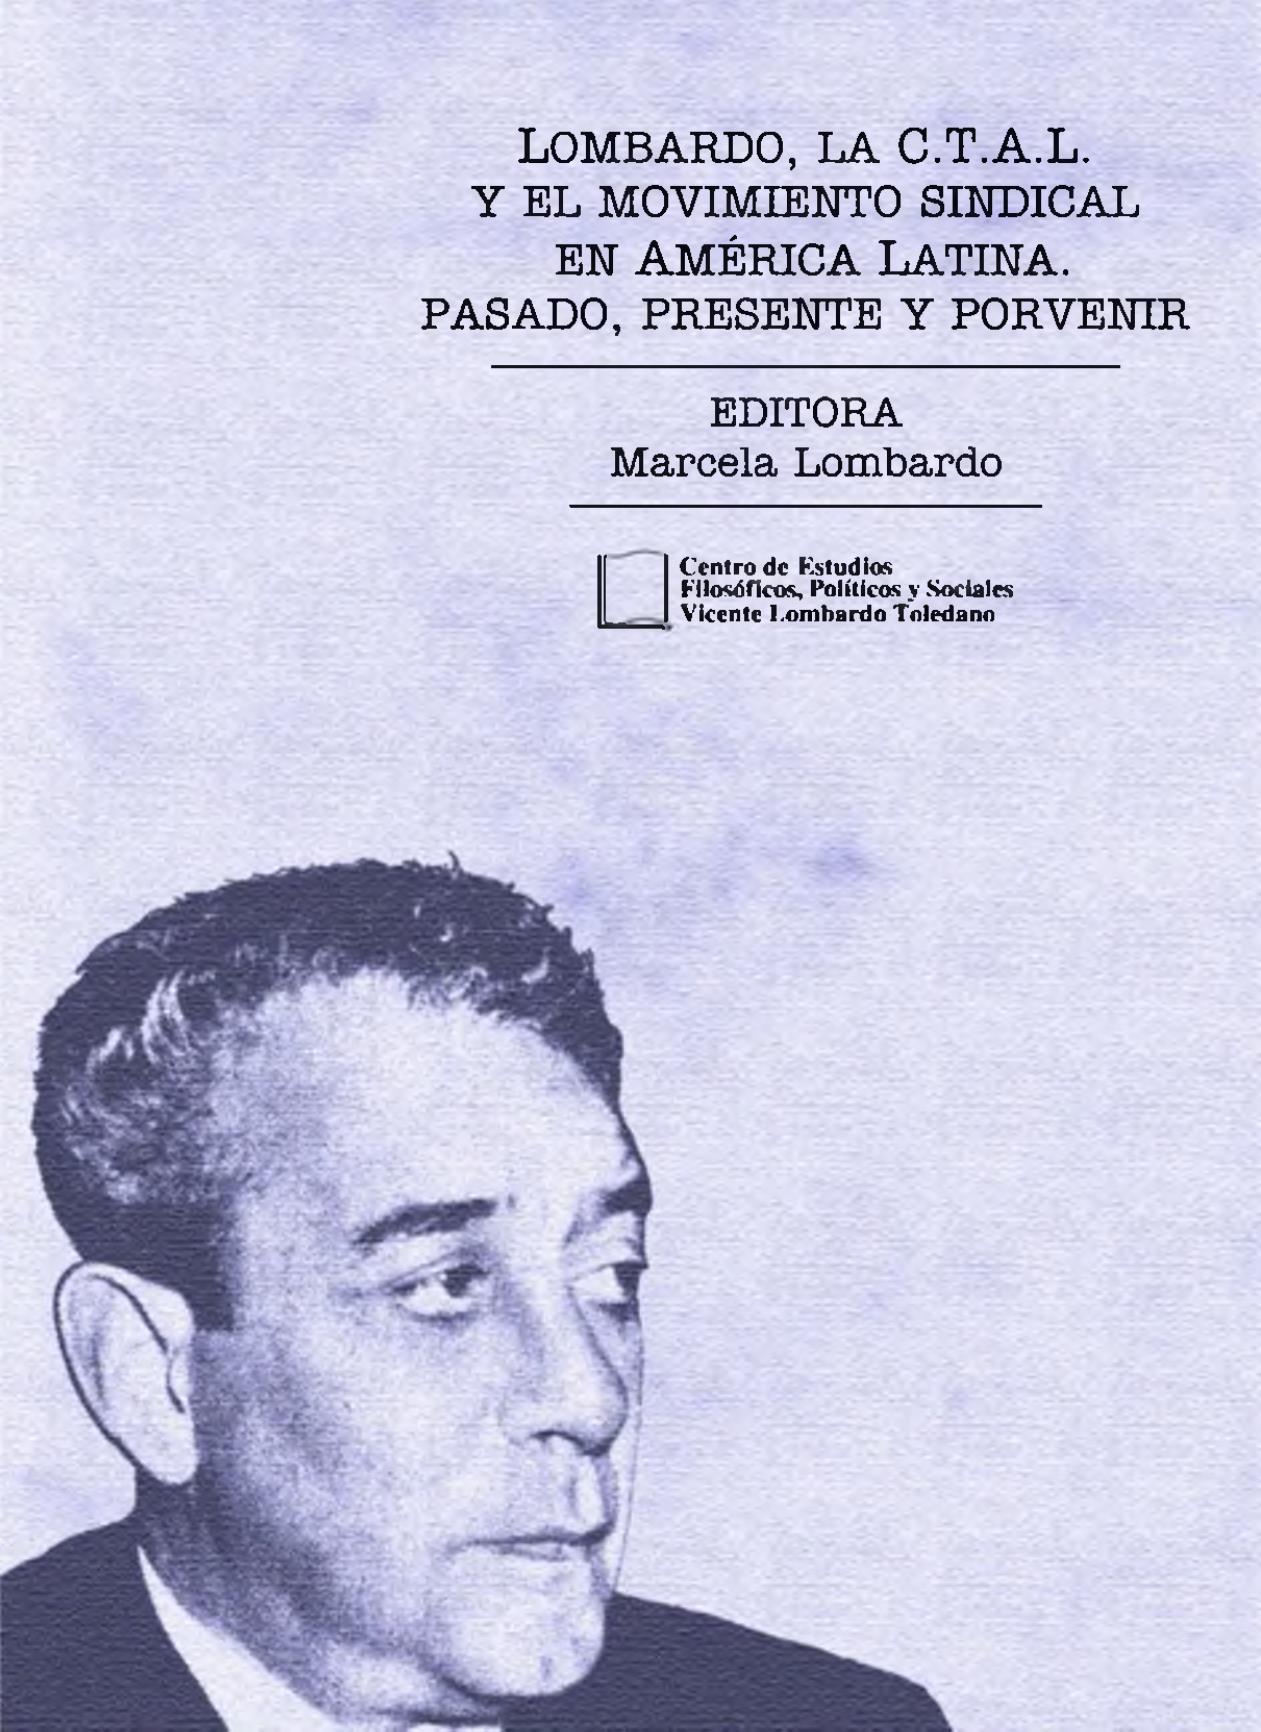 Portada del libro: LOMBARDO, LA C.T.A.L. Y EL MOVIMIENTO SINDICAL EN AMÉRICA LATINA: PASADO, PRESENTE Y PORVENIR